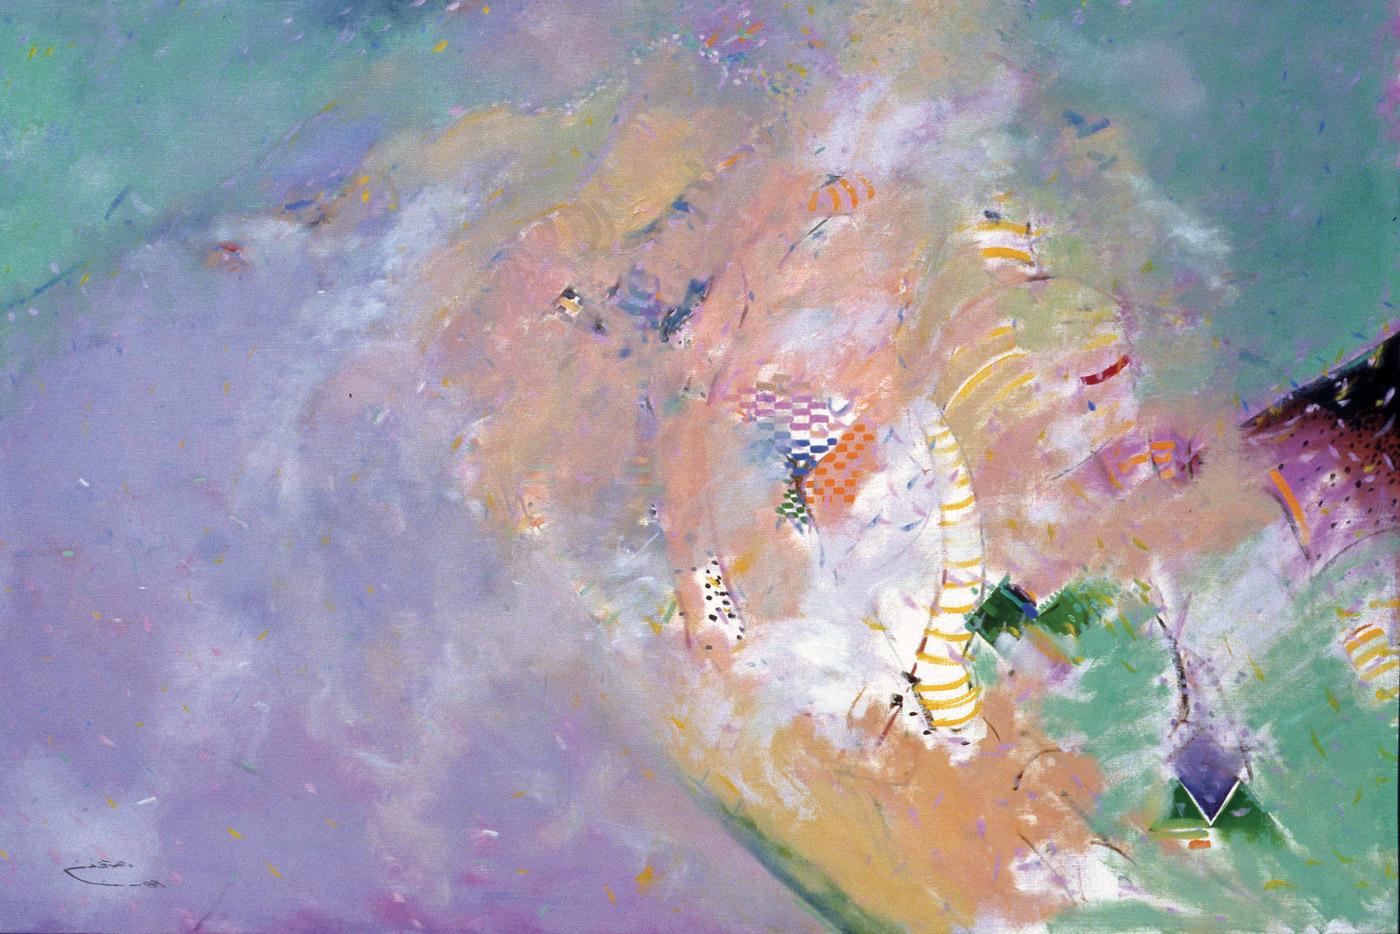 Abstract-Figurative-III_1989_Oil-on-Canvas rashid al khalifa